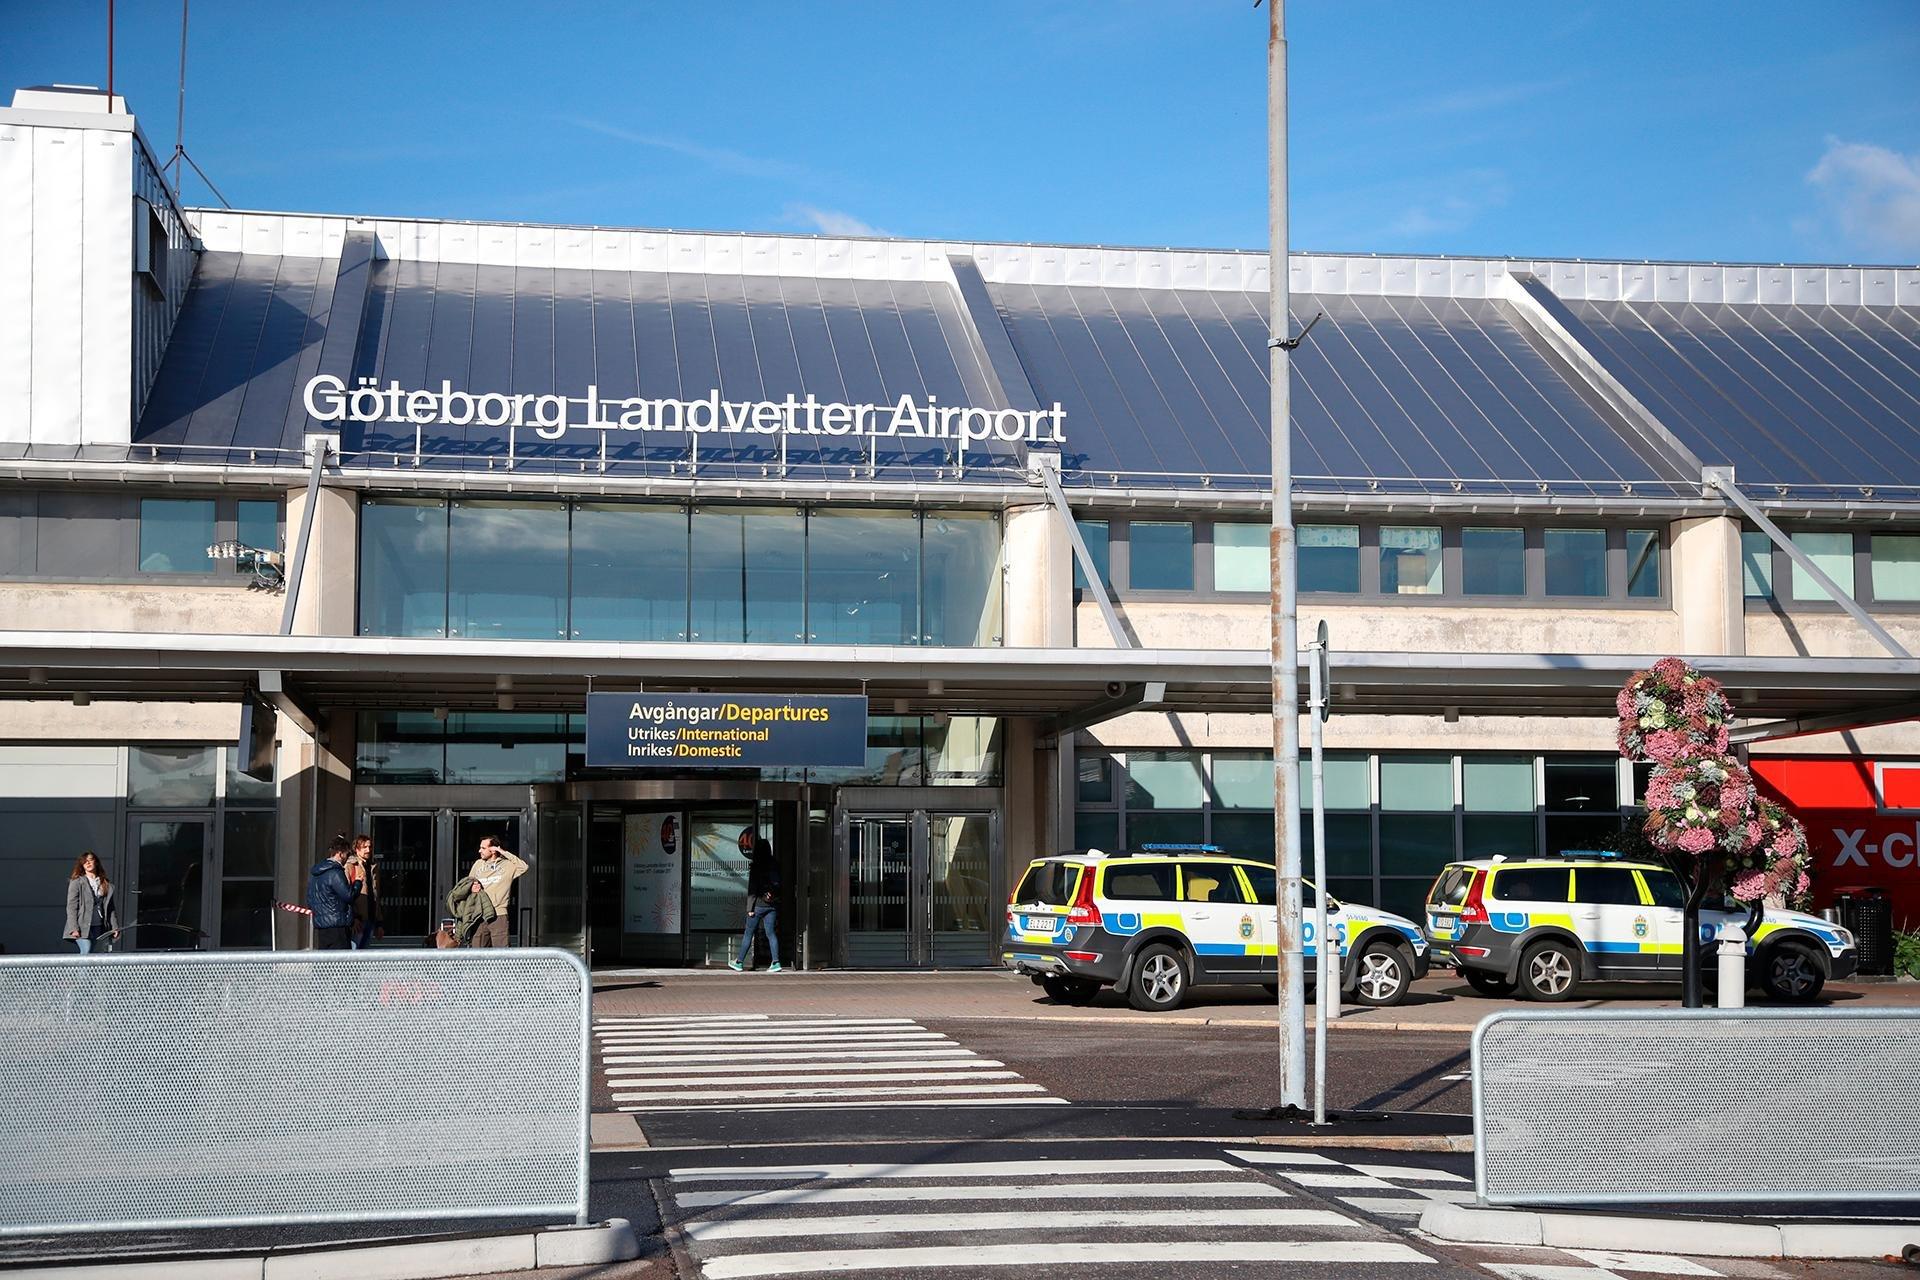 Ваэропорту Швеции упассажира изГермании отыскали взрывчатку